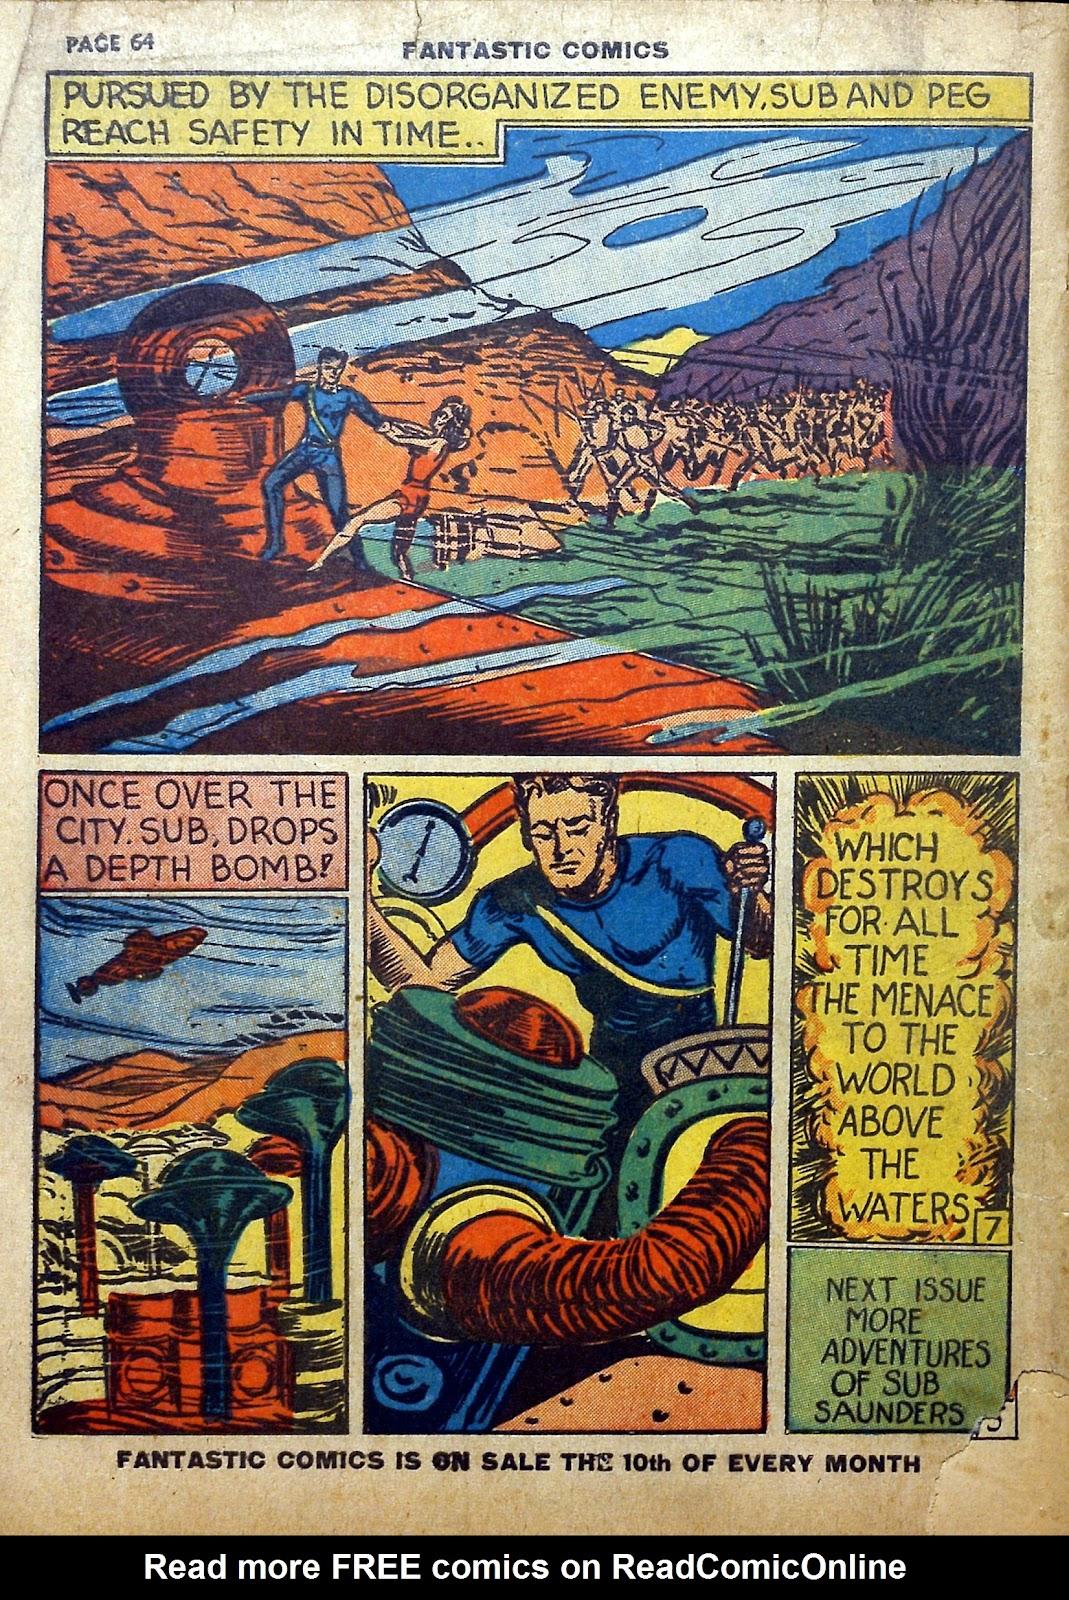 Read online Fantastic Comics comic -  Issue #5 - 65